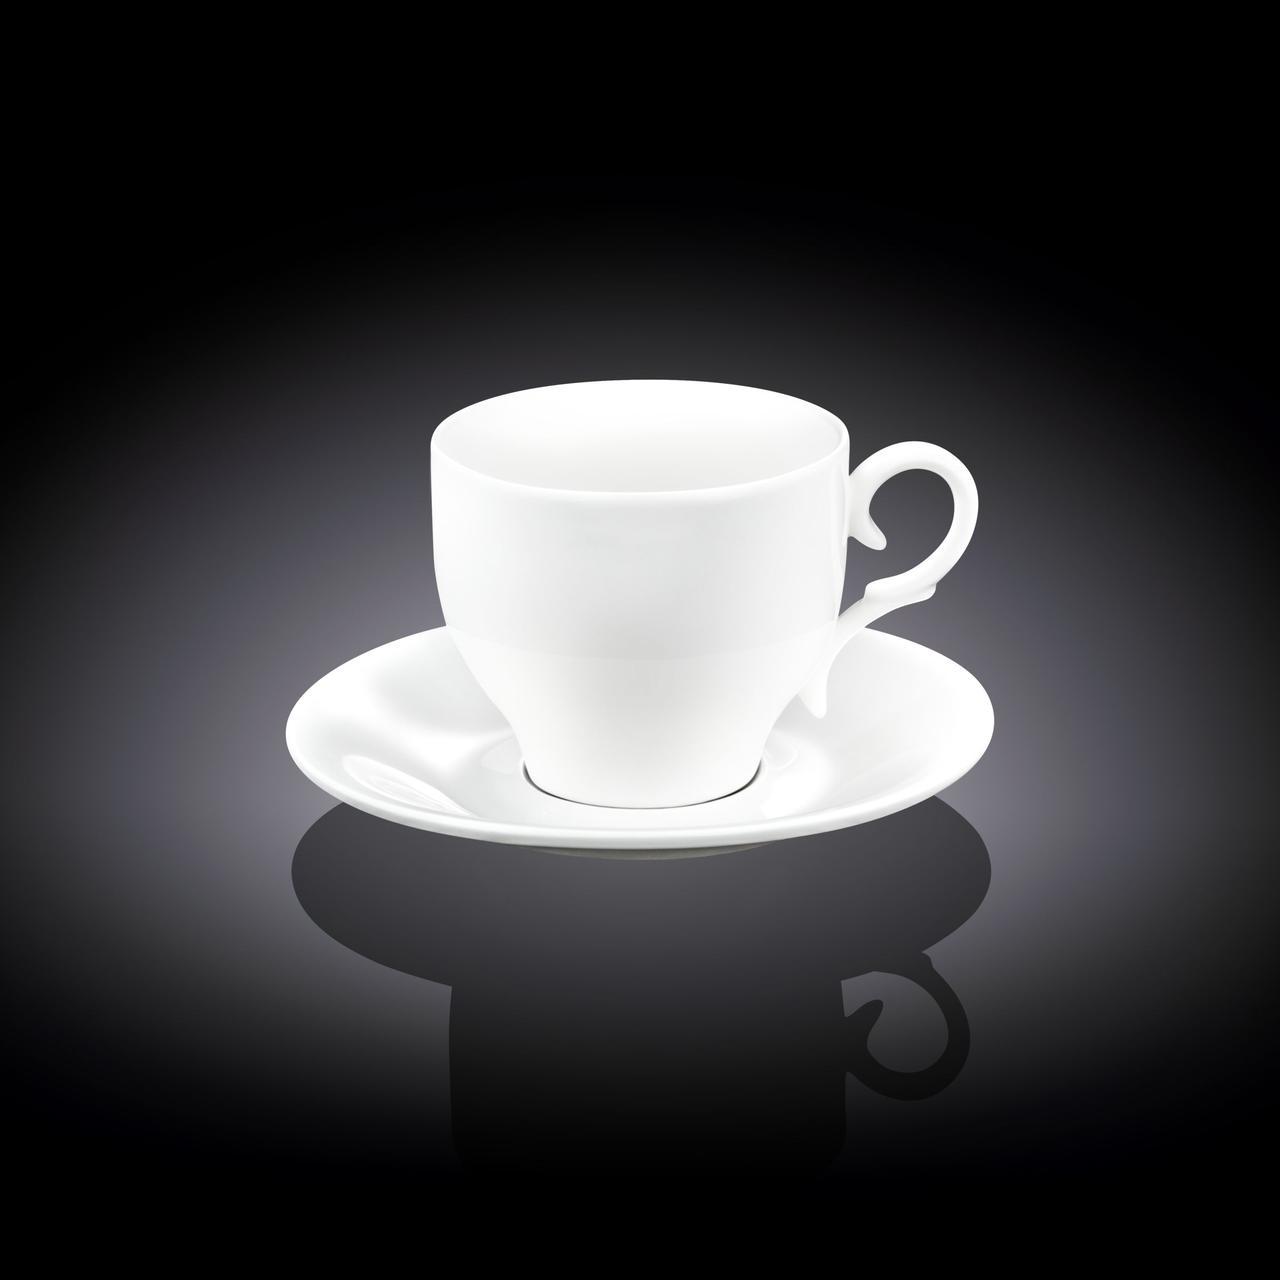 Чашка для капучино и блюдце Wilmax 170 мл WL-993104